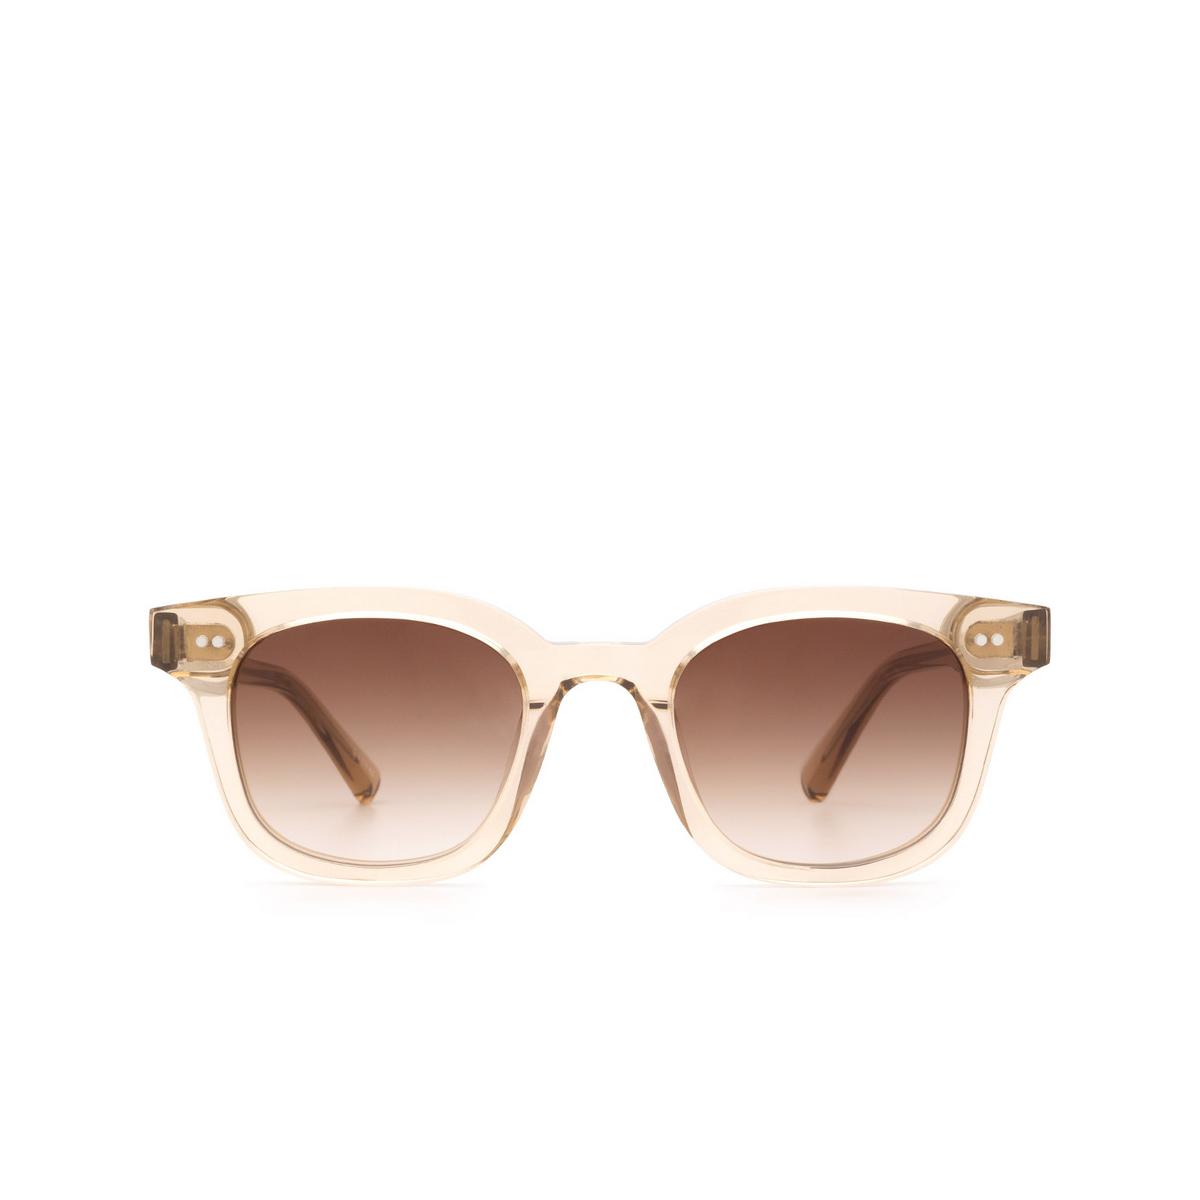 Chimi® Square Sunglasses: 02 color Ecru - front view.